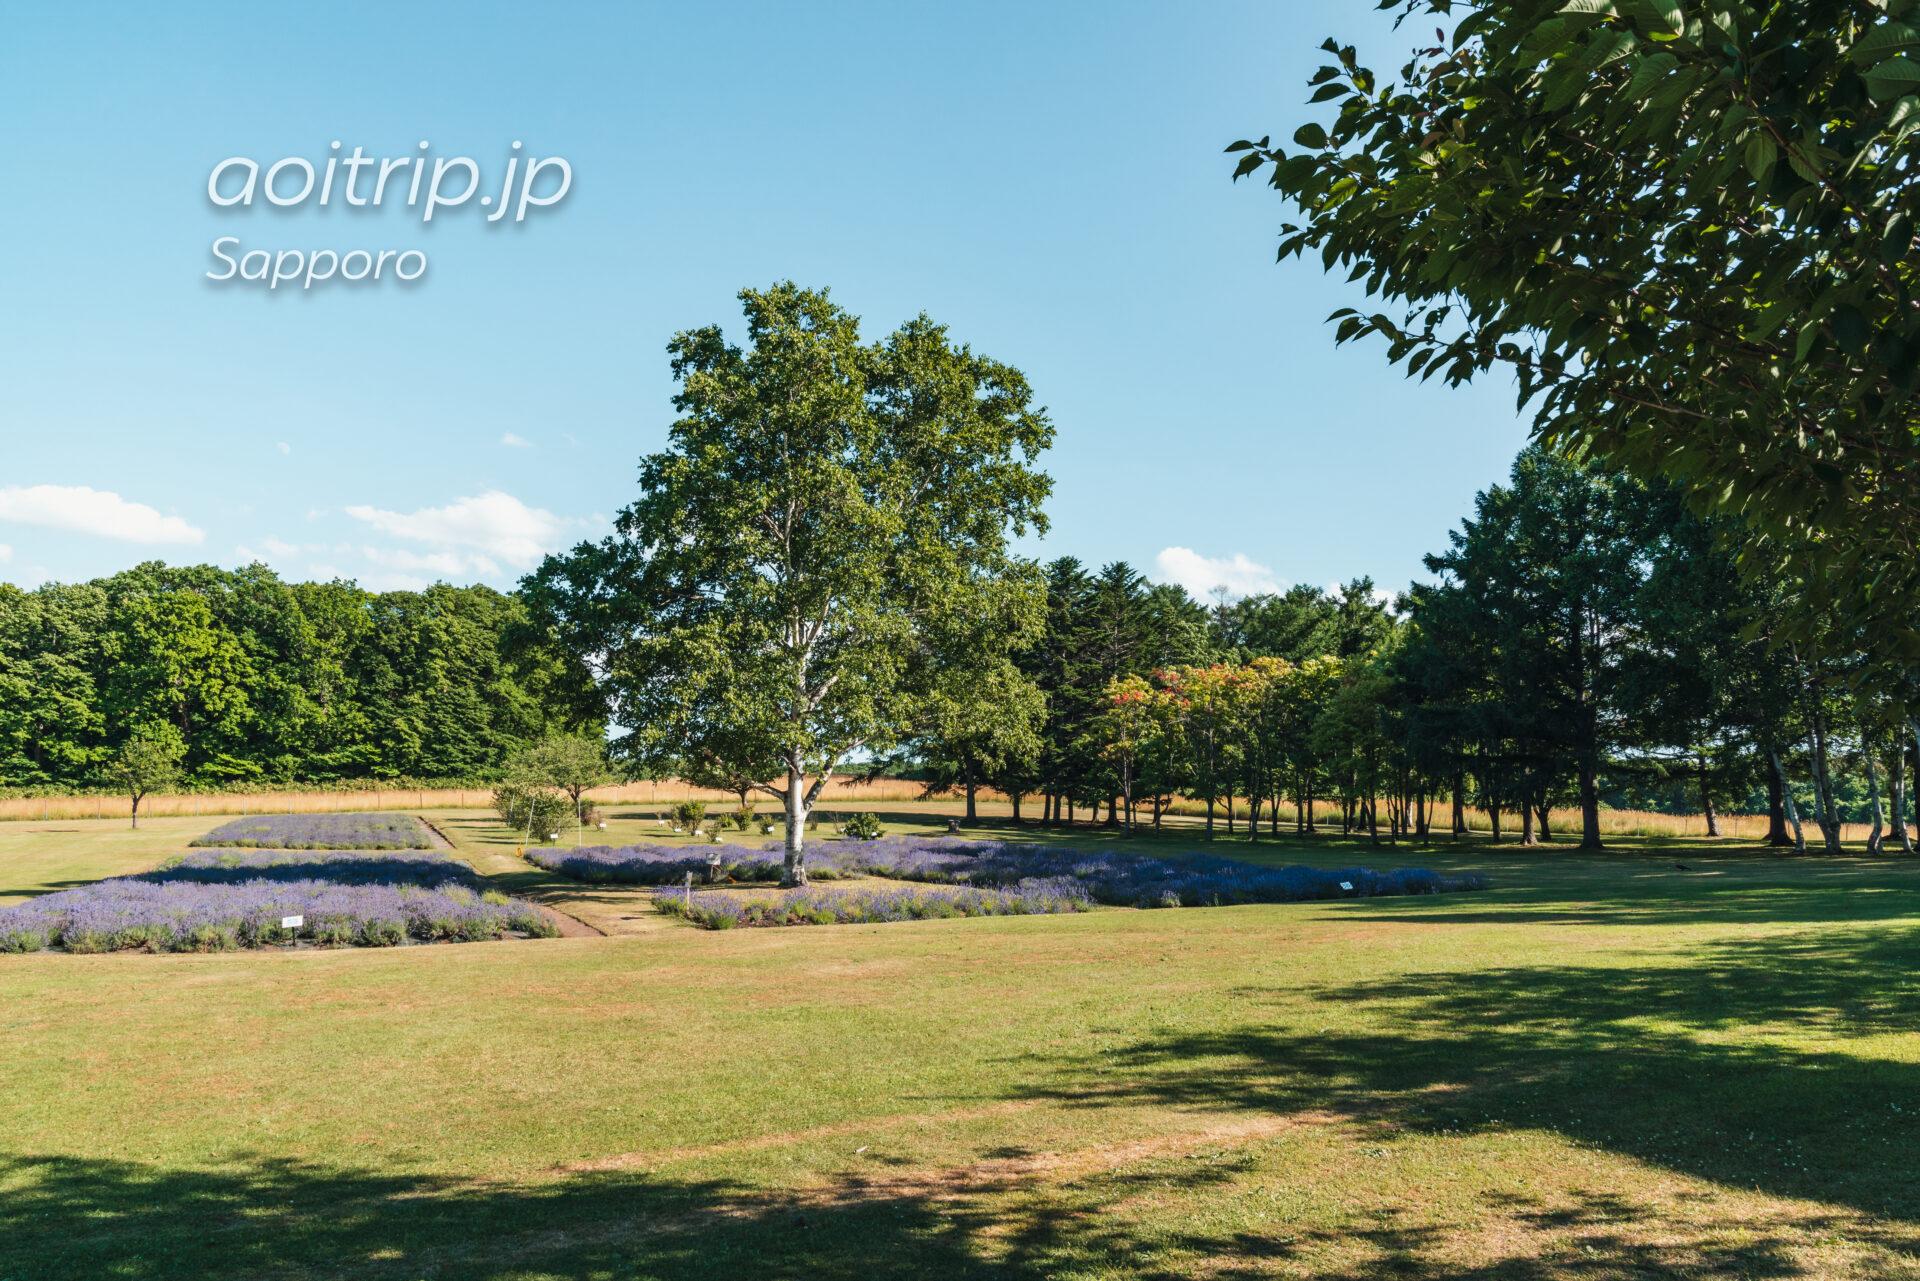 さっぽろ羊ヶ丘展望台 7月のラベンダー畑